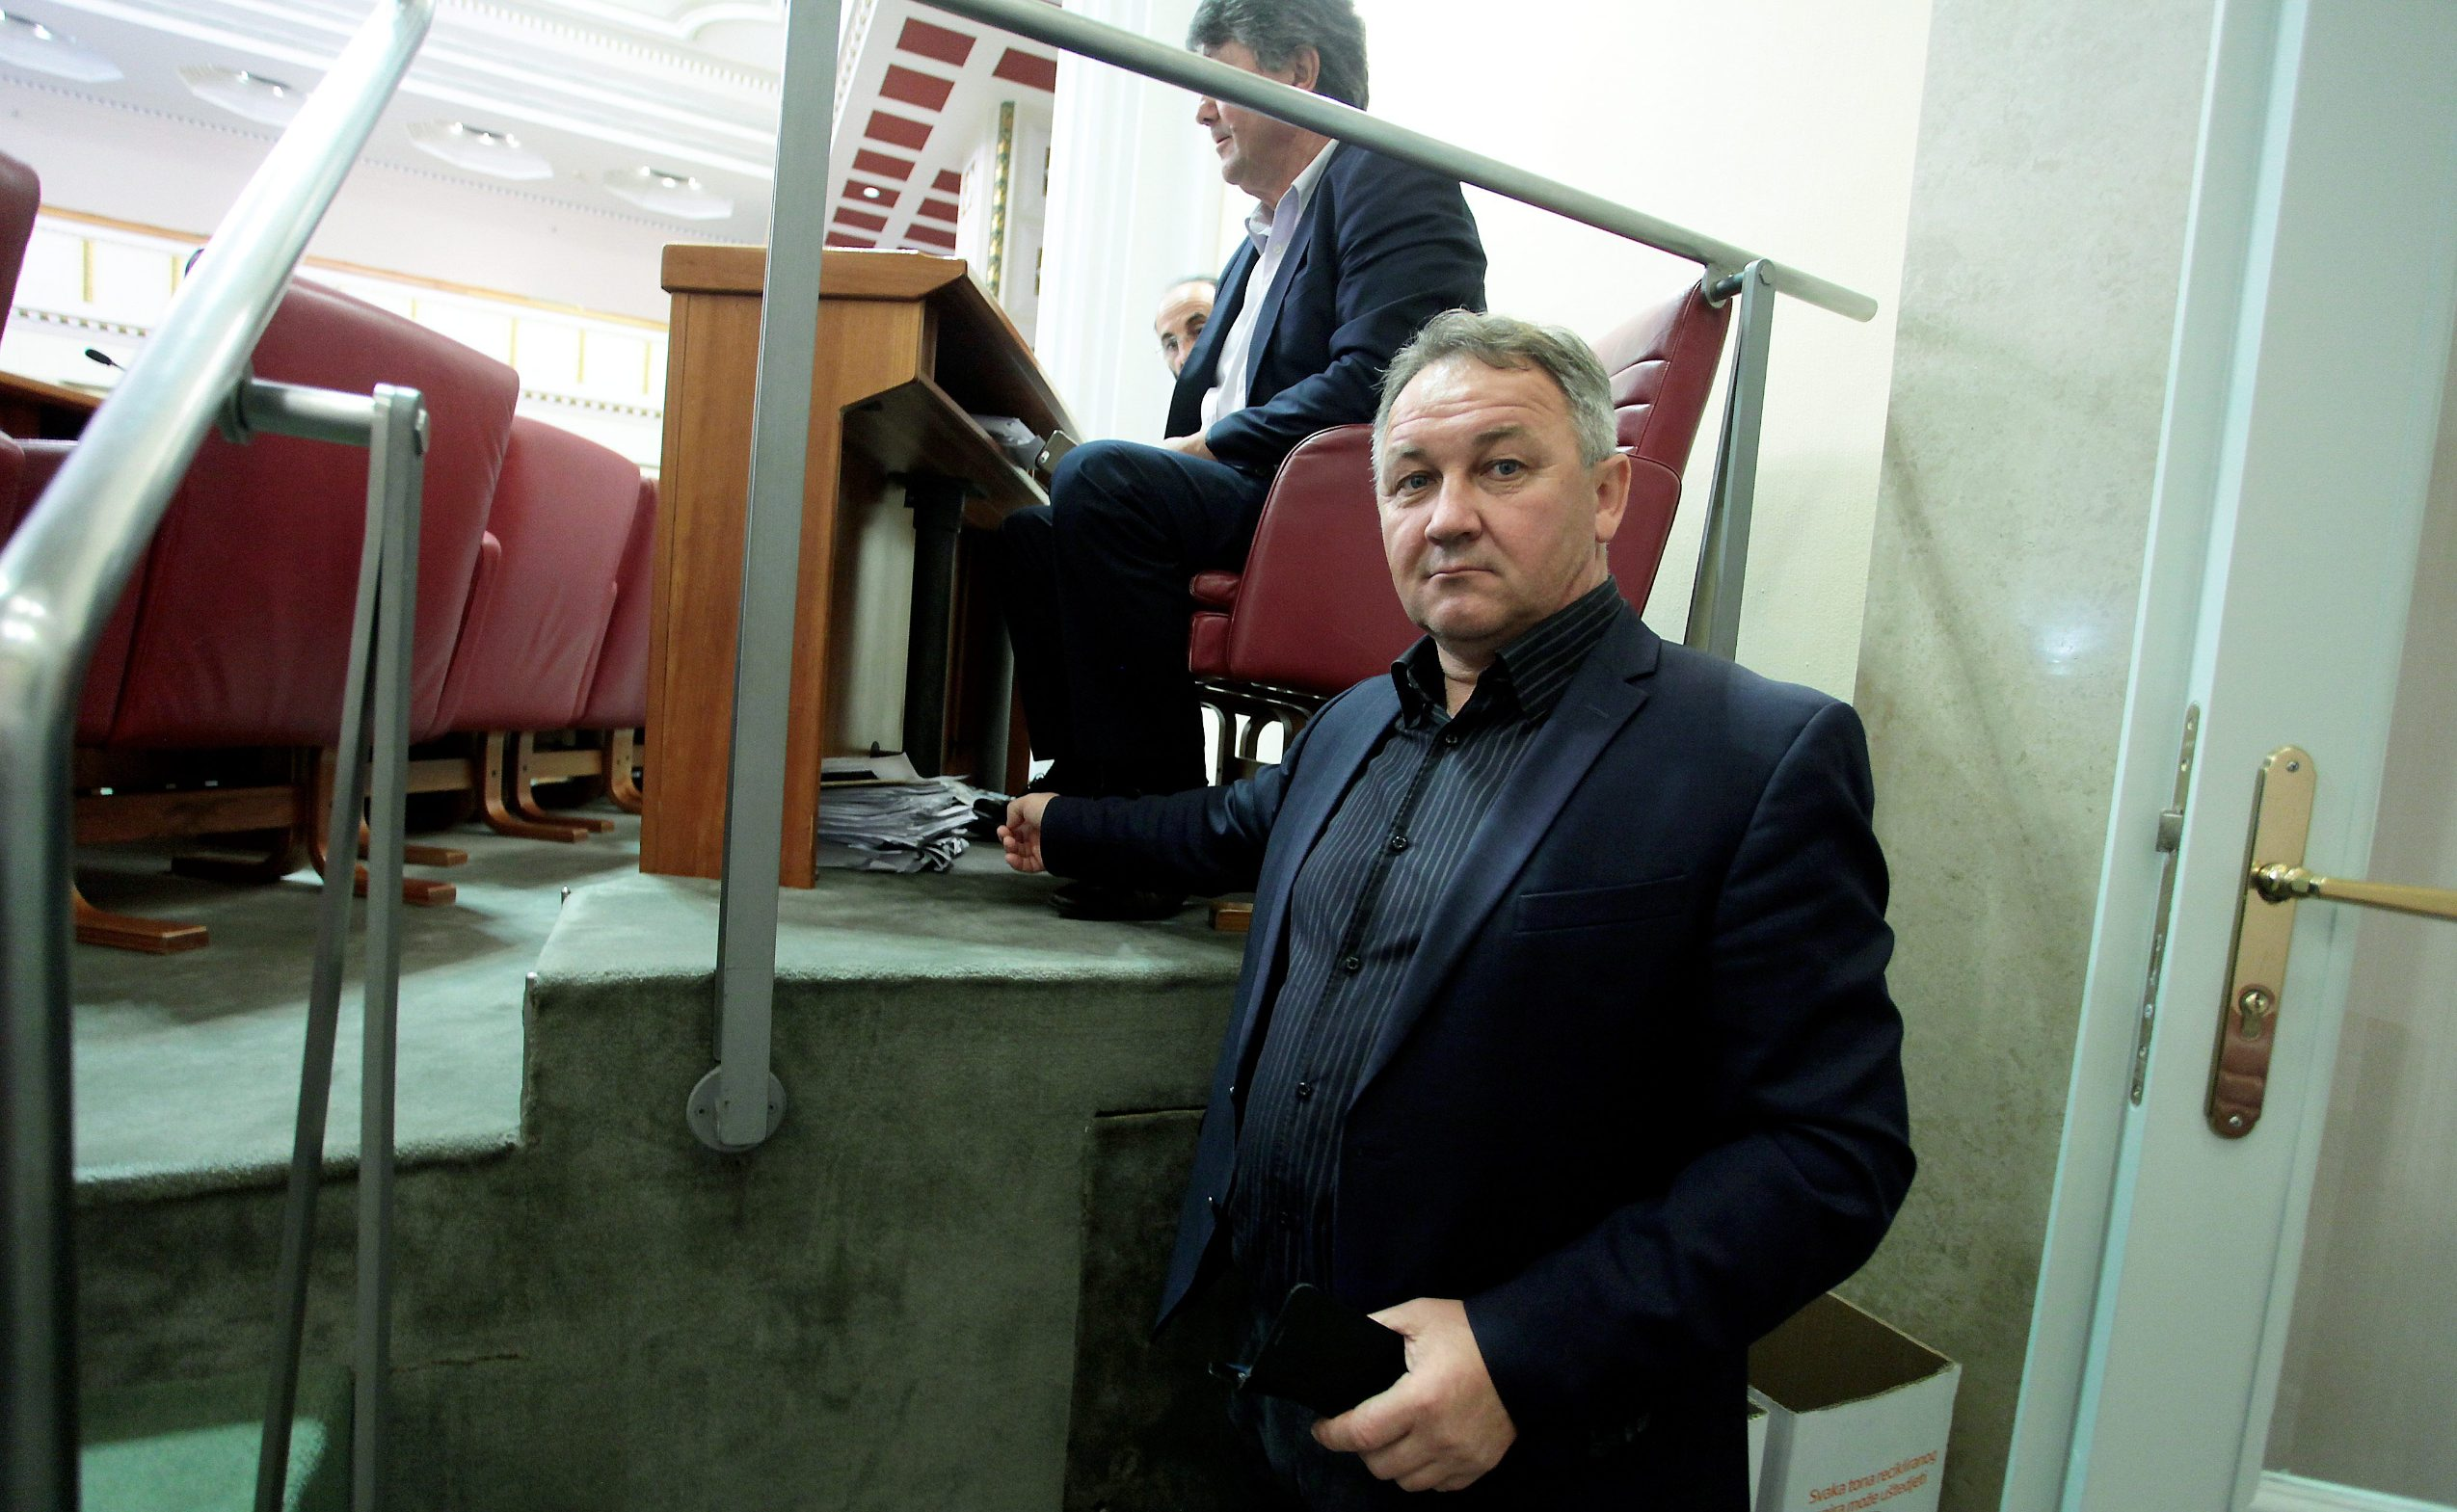 Zastupnik HDZ-a Stevo Culej pokazuje mjesto gdje mu je navodno tijekom Dana otvorenih vrata ukradena torba puna povjerljivih dokumenata prikupljenih tijekom 20 godina